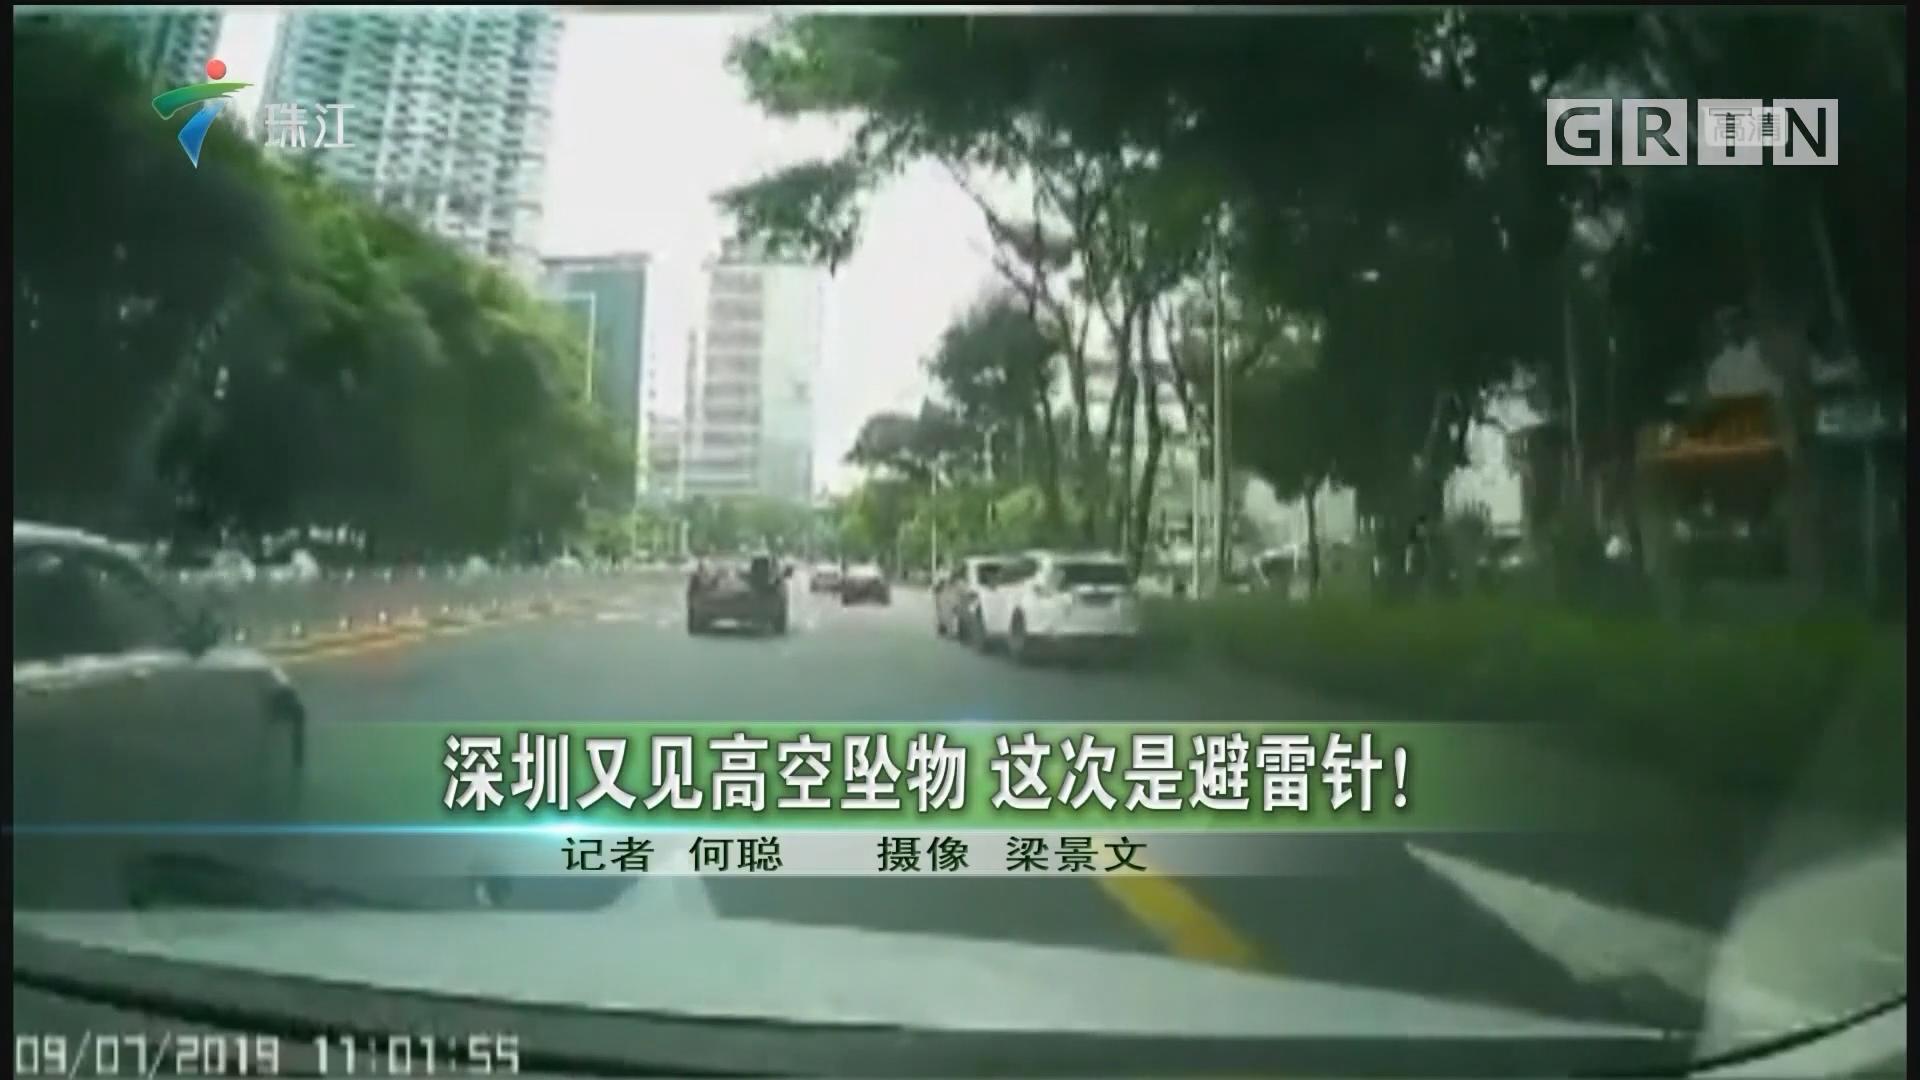 深圳又见高空坠物 这次是避雷针!